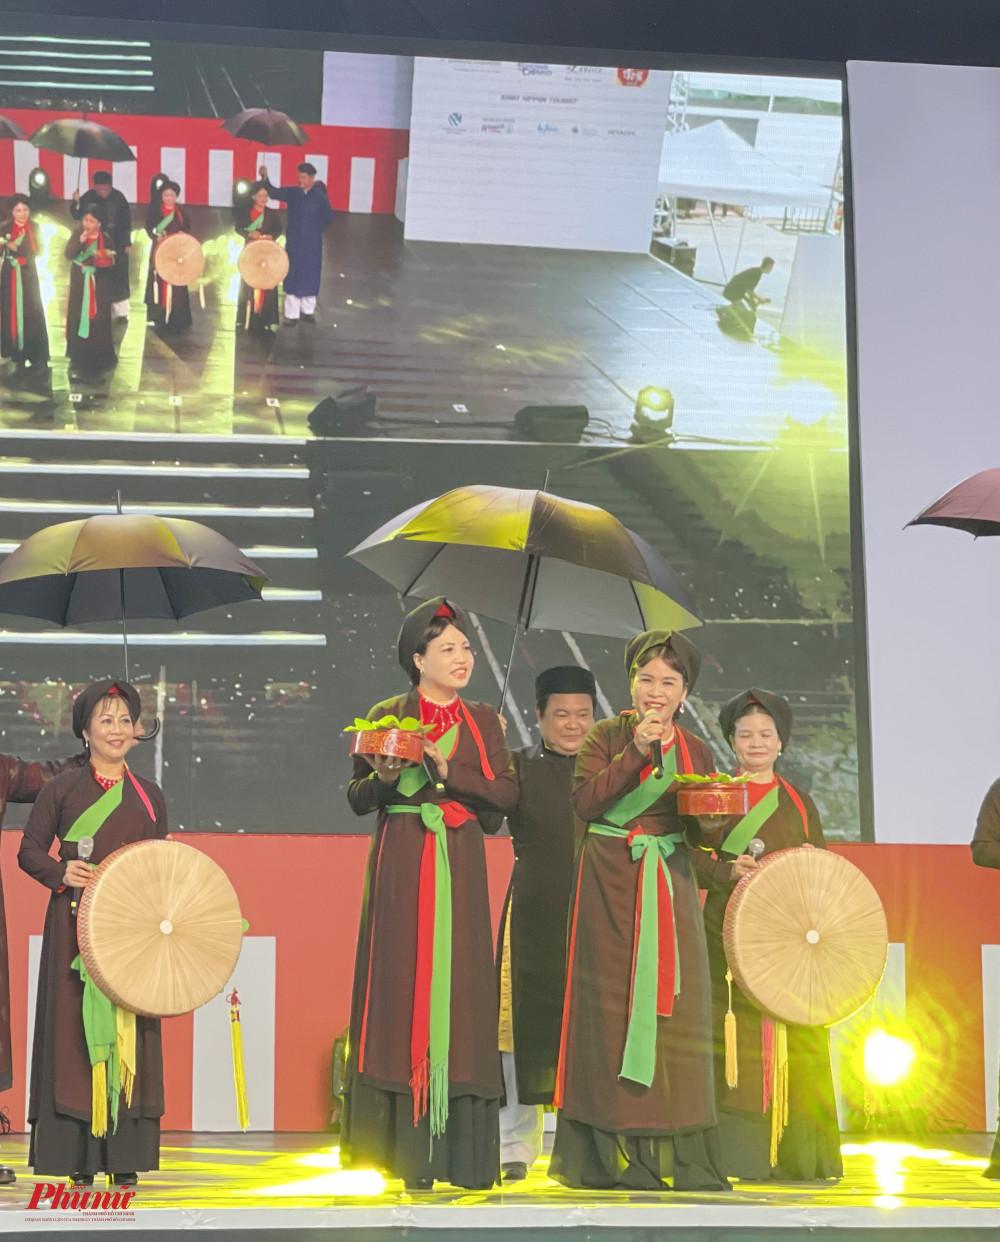 Sáng 17/4, Lệ hội văn hoá Việt Nhật diễn ra tại TPHCM, quy tụ nhiều người dân tham gia. Nhiều hoạt động, nét văn hoá mang đậm dấu ấn truyền thống Việt Nam đã được giới thiệu tại đây. Trong đó, tại sân khấu chính, khách tham quan có dịp được nghe quan họ Bắc Ninh giữa lòng Sài Gòn.